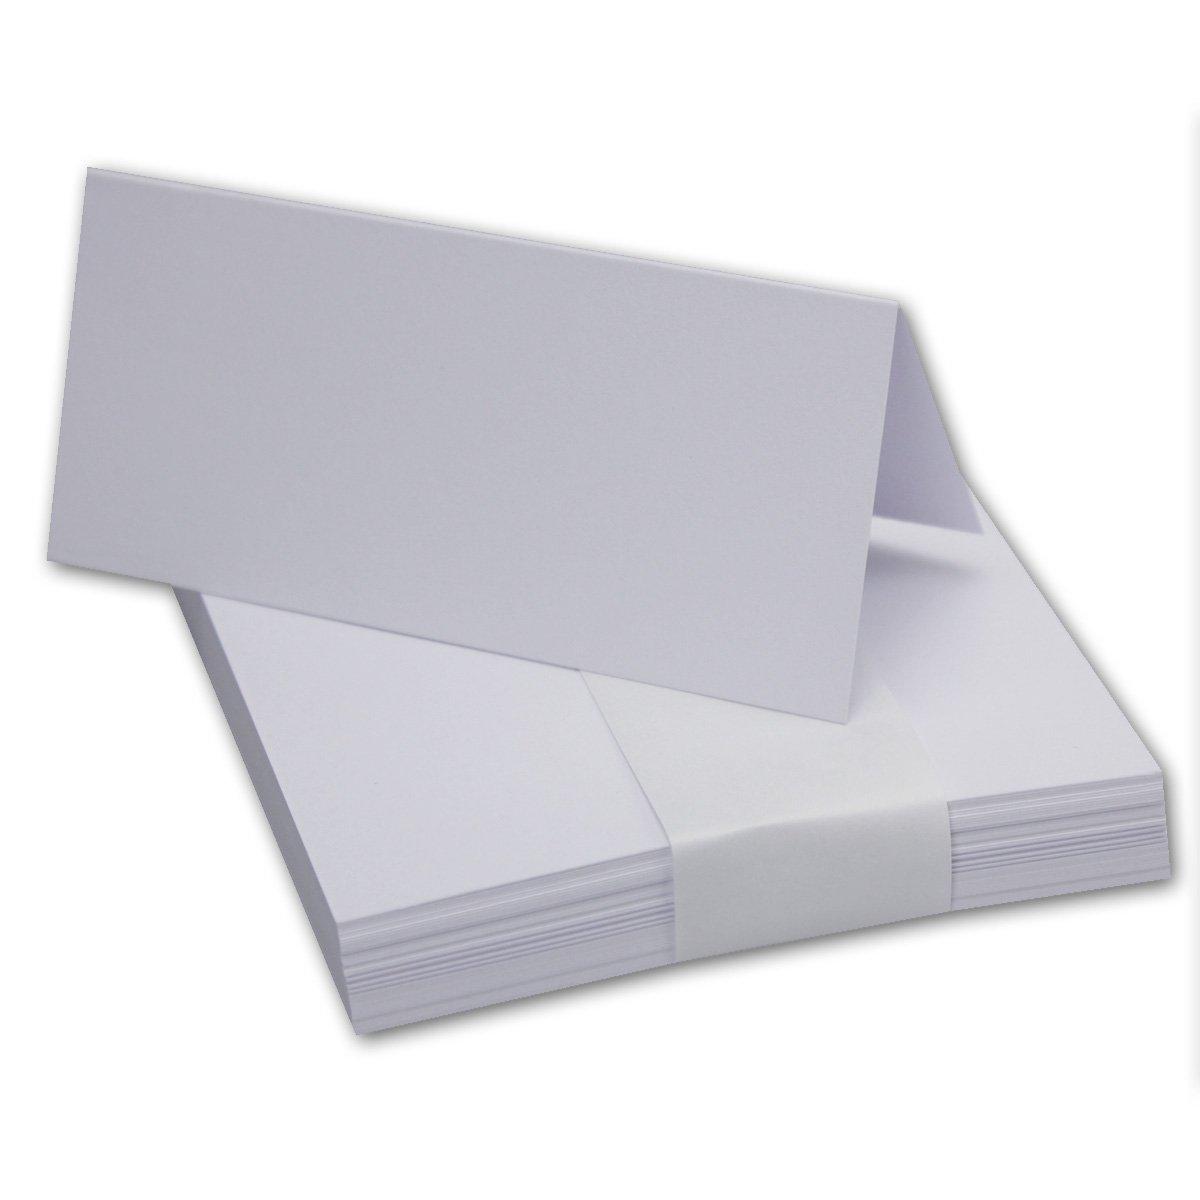 segnaposto da tavolo colorati Neuser 100 x 45 mm 50 pezzi 29 Rot